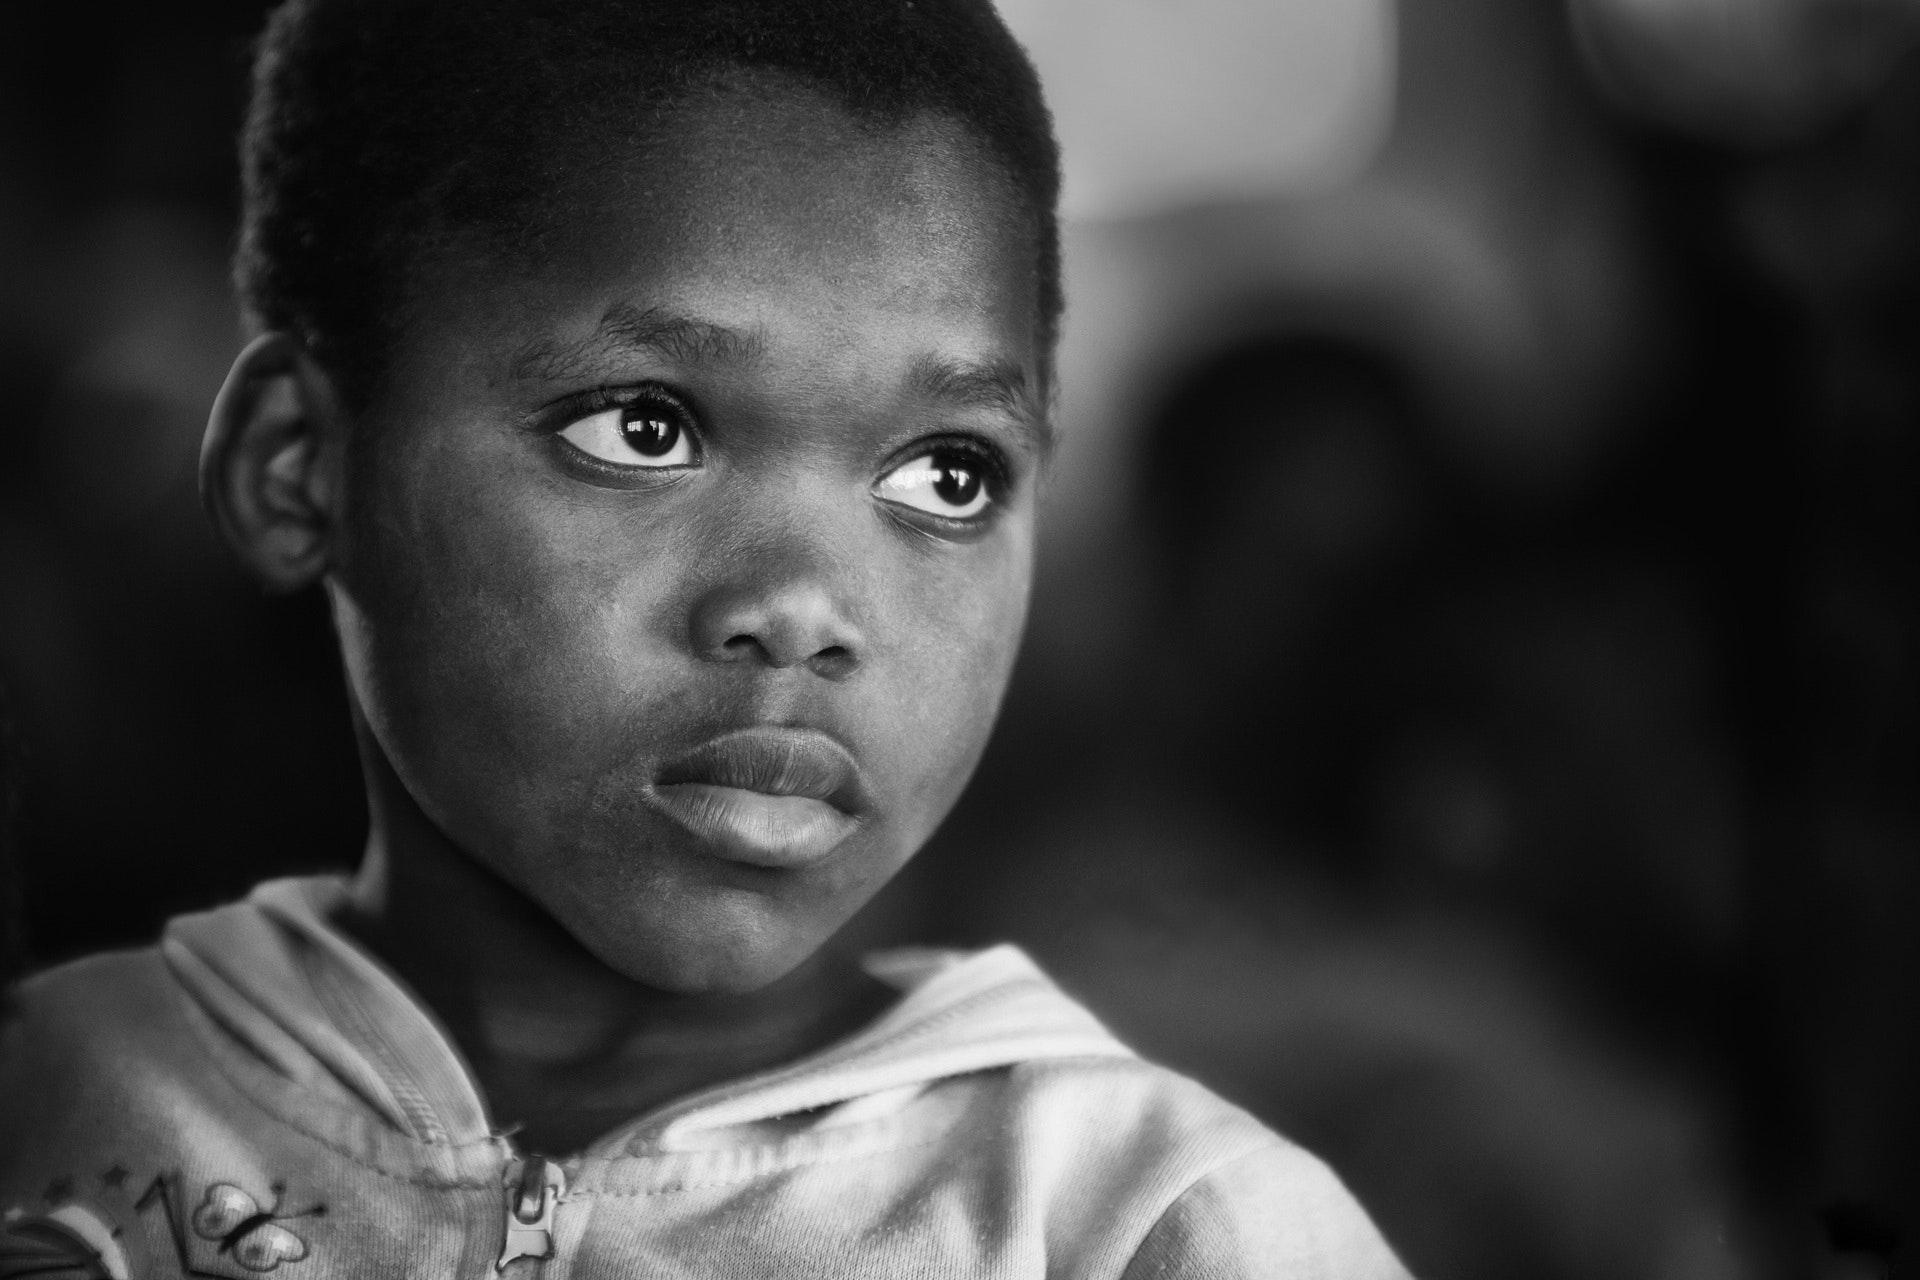 児童労働の撤廃に向けた国際的な取り組み